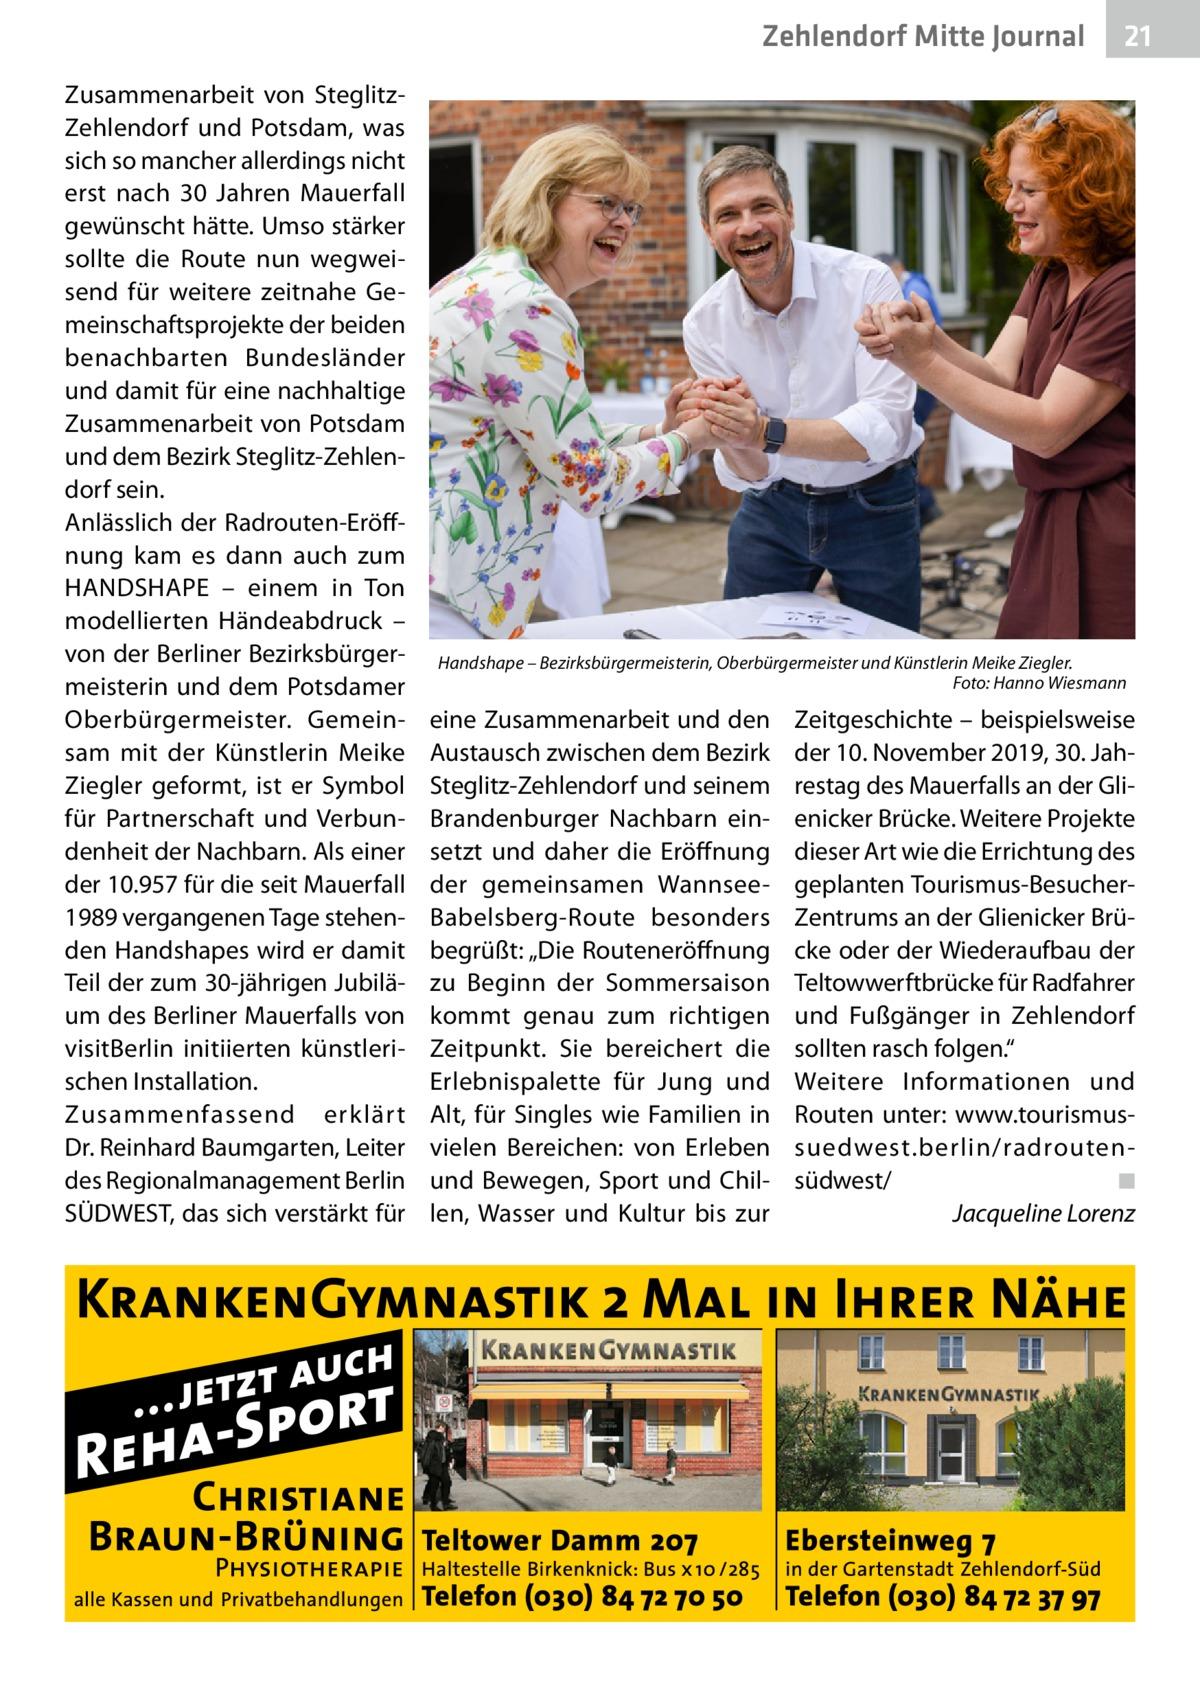 """Zehlendorf Mitte Journal Zusammenarbeit von SteglitzZehlendorf und Potsdam, was sich so mancher allerdings nicht erst nach 30 Jahren Mauerfall gewünscht hätte. Umso stärker sollte die Route nun wegweisend für weitere zeitnahe Gemeinschaftsprojekte der beiden benachbarten Bundesländer und damit für eine nachhaltige Zusammenarbeit von Potsdam und dem Bezirk Steglitz-Zehlendorf sein. Anlässlich der Radrouten-Eröffnung kam es dann auch zum HANDSHAPE – einem in Ton modellierten Händeabdruck – von der Berliner Bezirksbürgermeisterin und dem Potsdamer Oberbürgermeister. Gemeinsam mit der Künstlerin Meike Ziegler geformt, ist er Symbol für Partnerschaft und Verbundenheit der Nachbarn. Als einer der 10.957 für die seit Mauerfall 1989 vergangenen Tage stehenden Handshapes wird er damit Teil der zum 30-jährigen Jubiläum des Berliner Mauerfalls von visitBerlin initiierten künstlerischen Installation. Zusammenfassend erklärt Dr.Reinhard Baumgarten, Leiter des Regionalmanagement Berlin SÜDWEST, das sich verstärkt für  21  Handshape – Bezirksbürgermeisterin, Oberbürgermeister und Künstlerin Meike Ziegler. � Foto: Hanno Wiesmann  eine Zusammenarbeit und den Austausch zwischen dem Bezirk Steglitz-Zehlendorf und seinem Brandenburger Nachbarn einsetzt und daher die Eröffnung der gemeinsamen WannseeBabelsberg-Route besonders begrüßt: """"Die Routeneröffnung zu Beginn der Sommersaison kommt genau zum richtigen Zeitpunkt. Sie bereichert die Erlebnispalette für Jung und Alt, für Singles wie Familien in vielen Bereichen: von Erleben und Bewegen, Sport und Chillen, Wasser und Kultur bis zur  Zeitgeschichte – beispielsweise der 10.November 2019, 30.Jahrestag des Mauerfalls an der Glienicker Brücke. Weitere Projekte dieser Art wie die Errichtung des geplanten Tourismus-BesucherZentrums an der Glienicker Brücke oder der Wiederaufbau der Teltowwerftbrücke für Radfahrer und Fußgänger in Zehlendorf sollten rasch folgen."""" Weitere Informationen und Routen unter: www.tourismussuedwest.berlin/radroutens"""